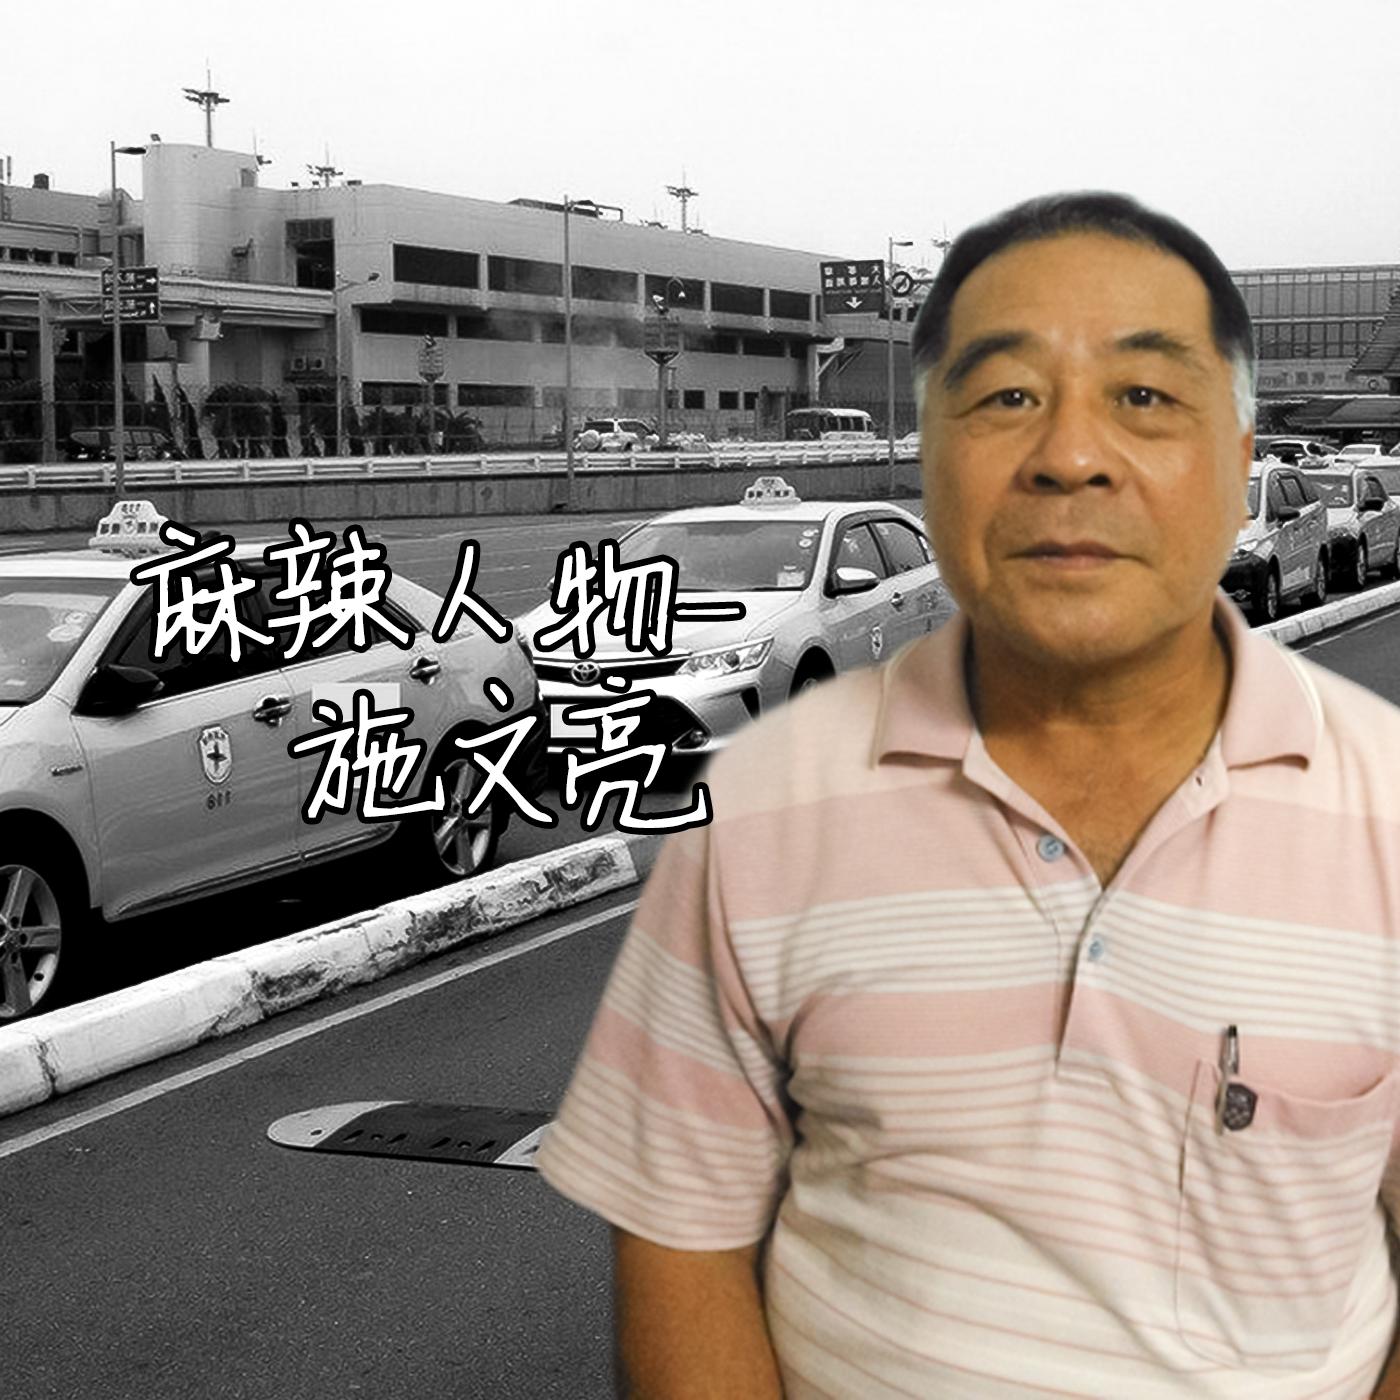 【妮妮麻一下EP.11】運匠心事誰人知?|麻辣人物—施文亮理事長